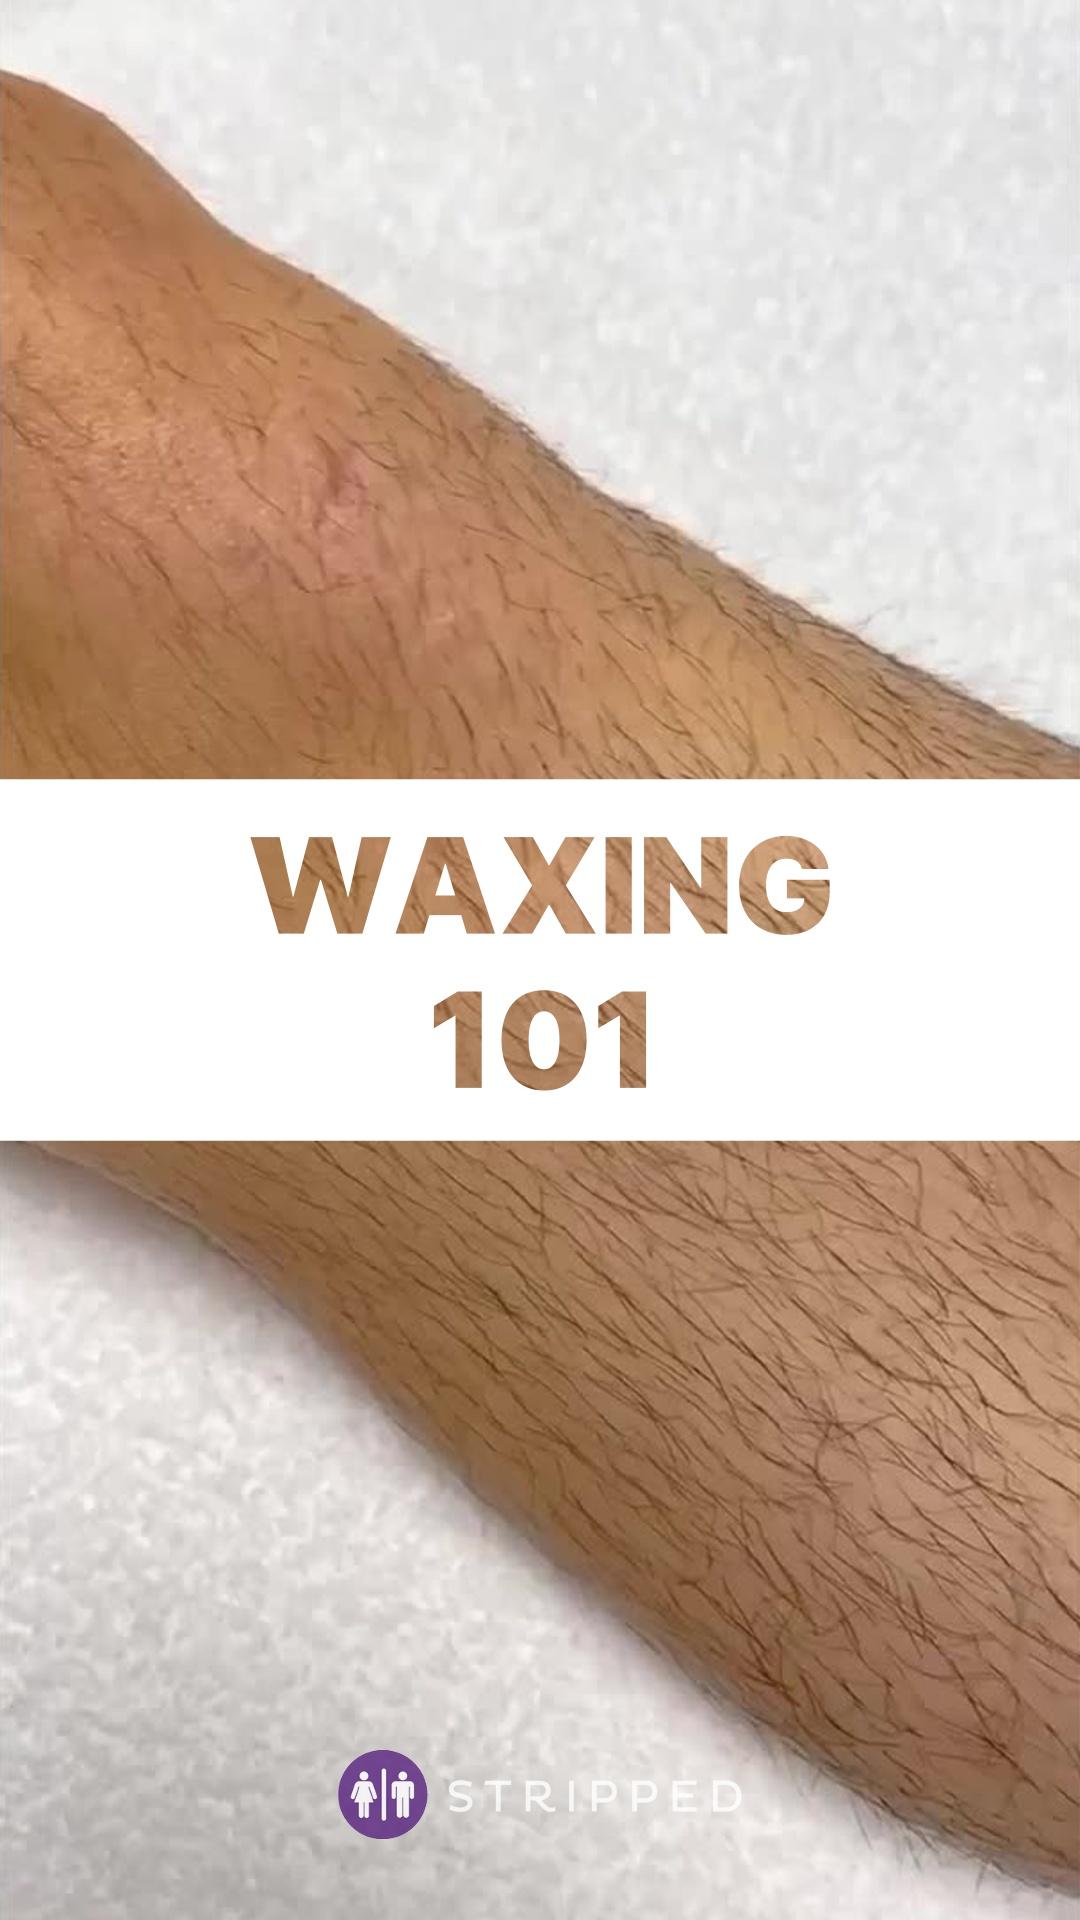 Waxing101